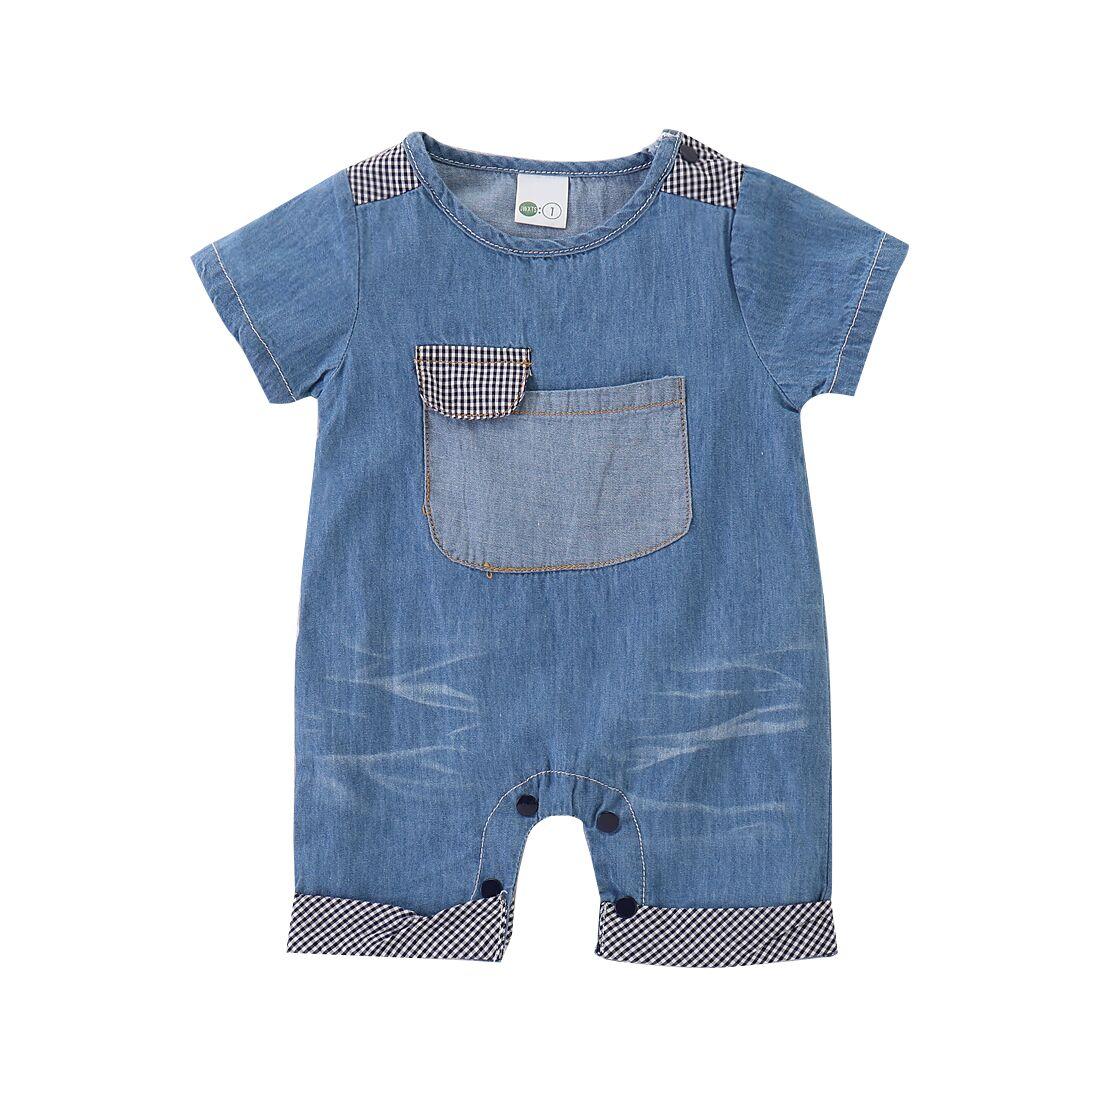 1-5y Zomer Baby Kids Baby Boy Meisjes Romper Korte Mouwen Pocket Denim Blauw Jumpsuit Outfits Kleding Goede Warmteconservering